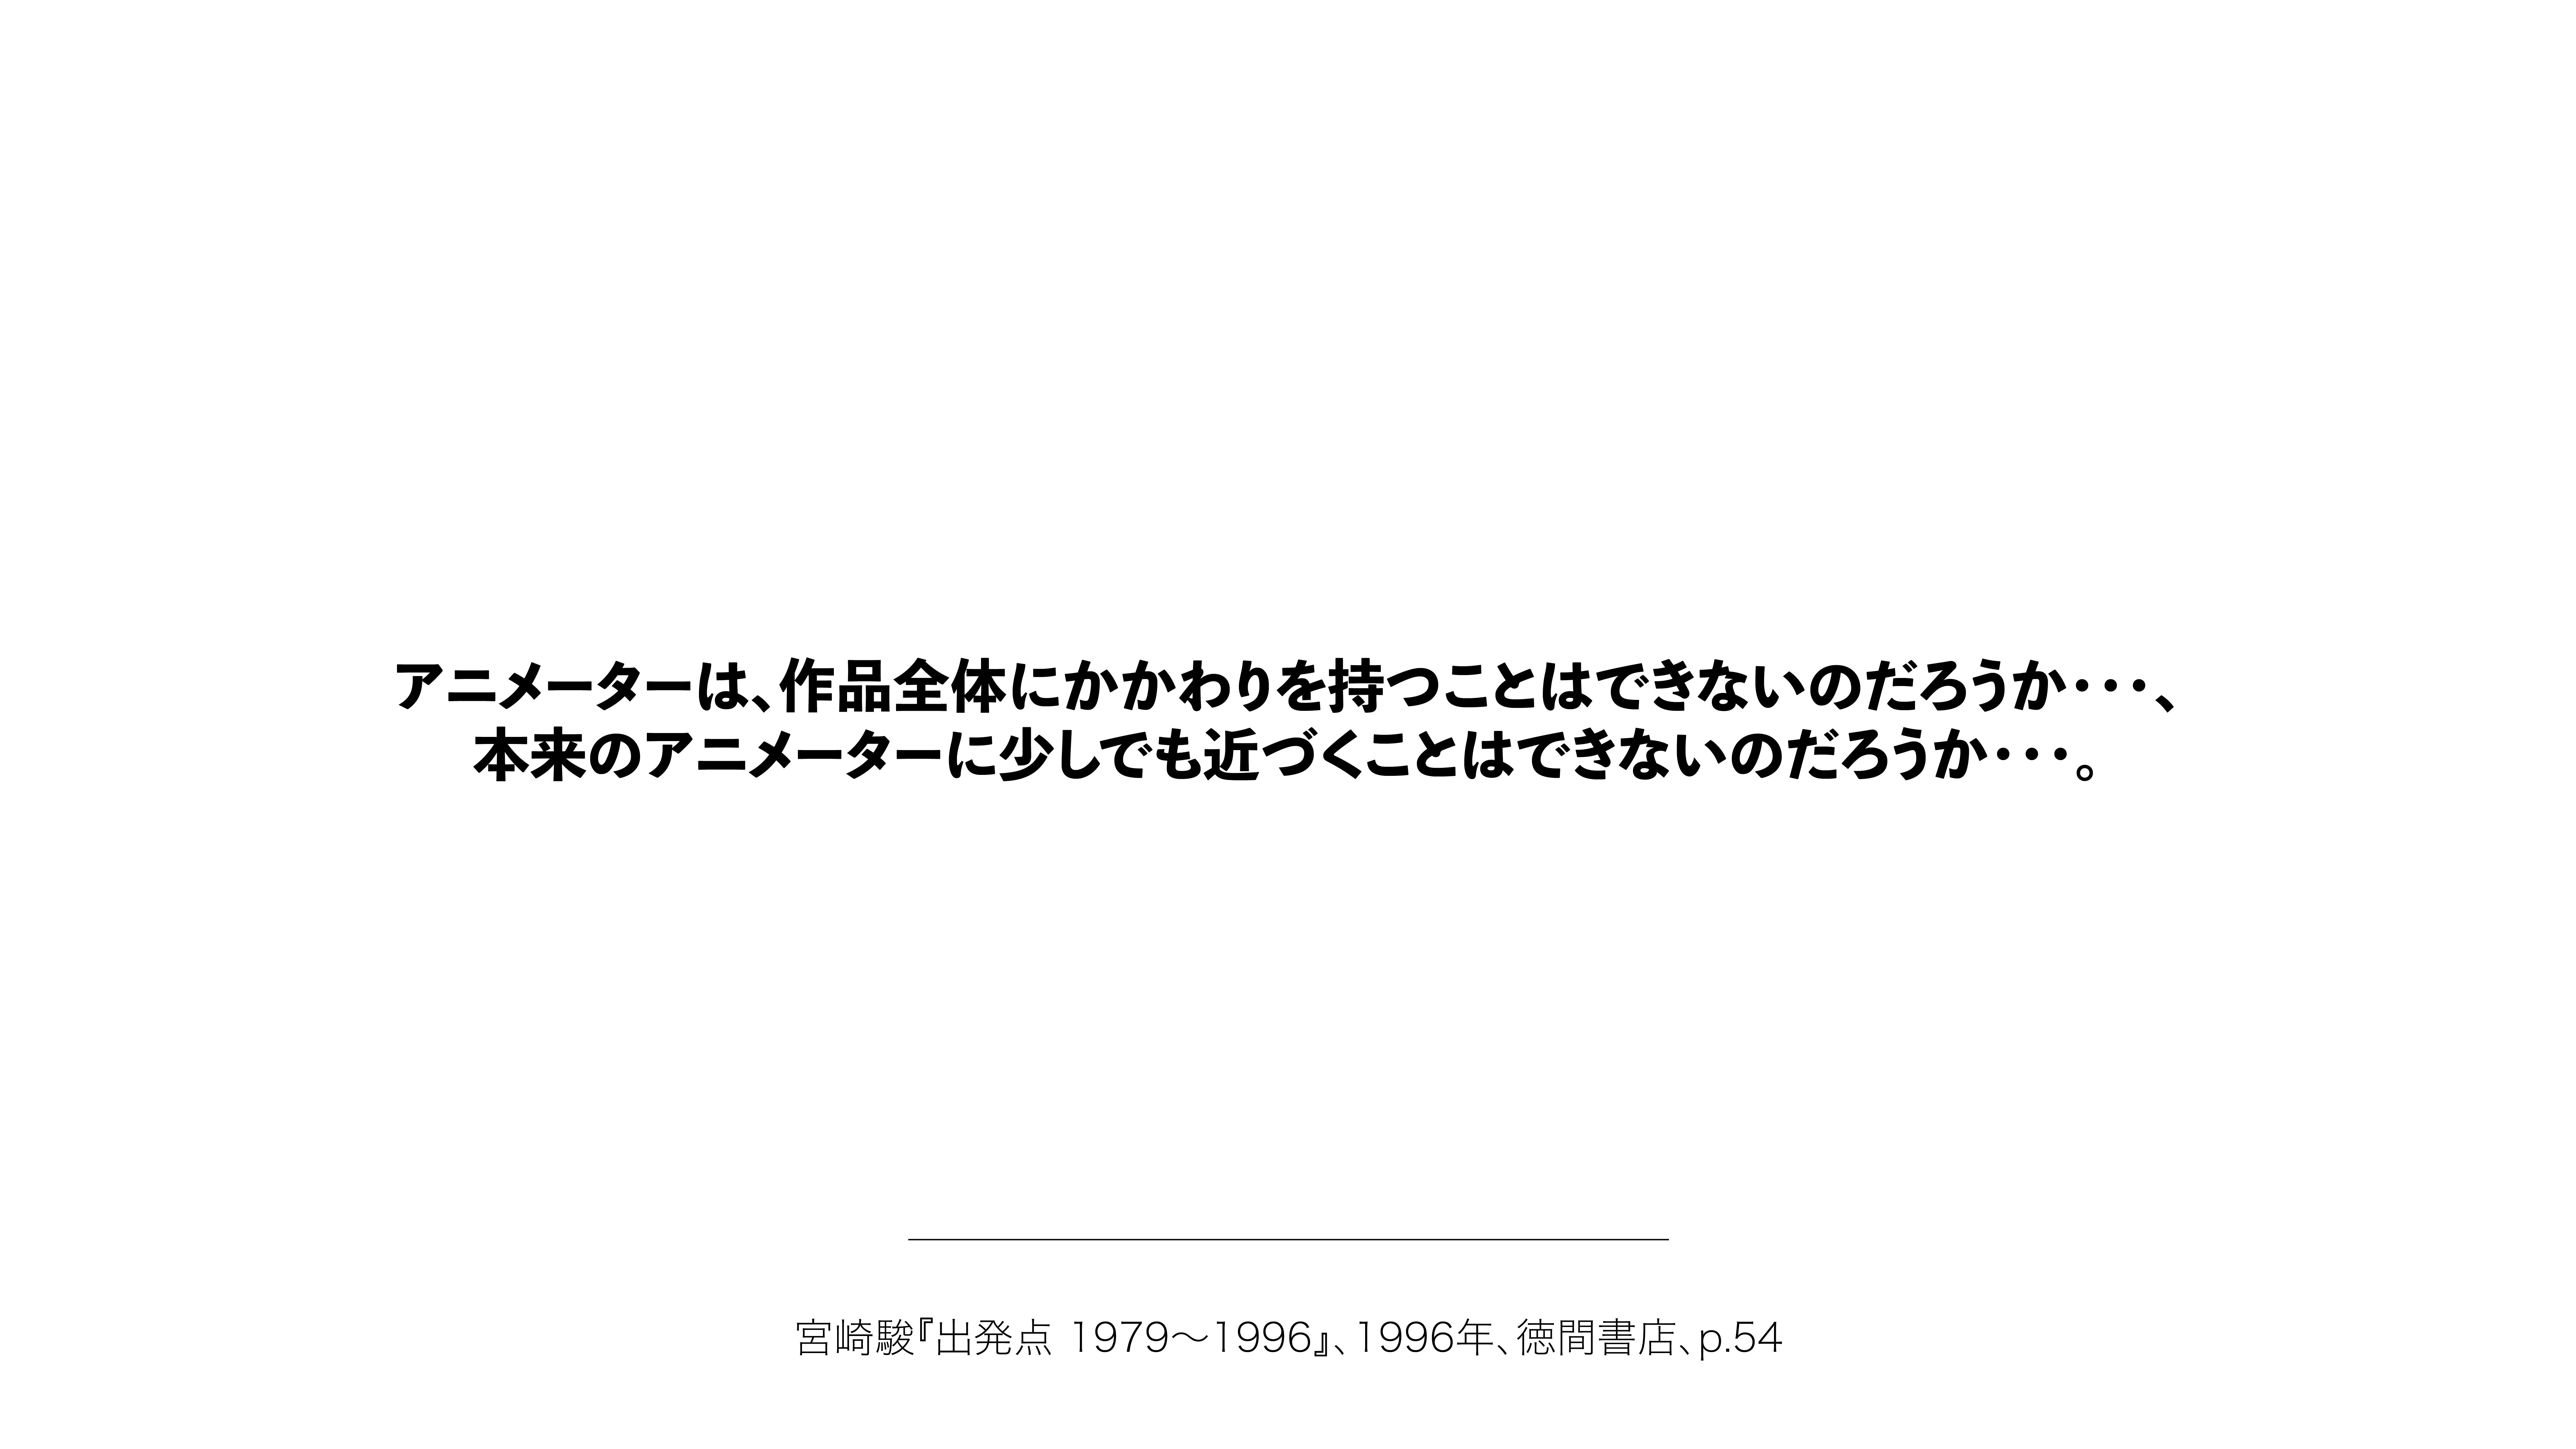 11_アニメーター解放宣言